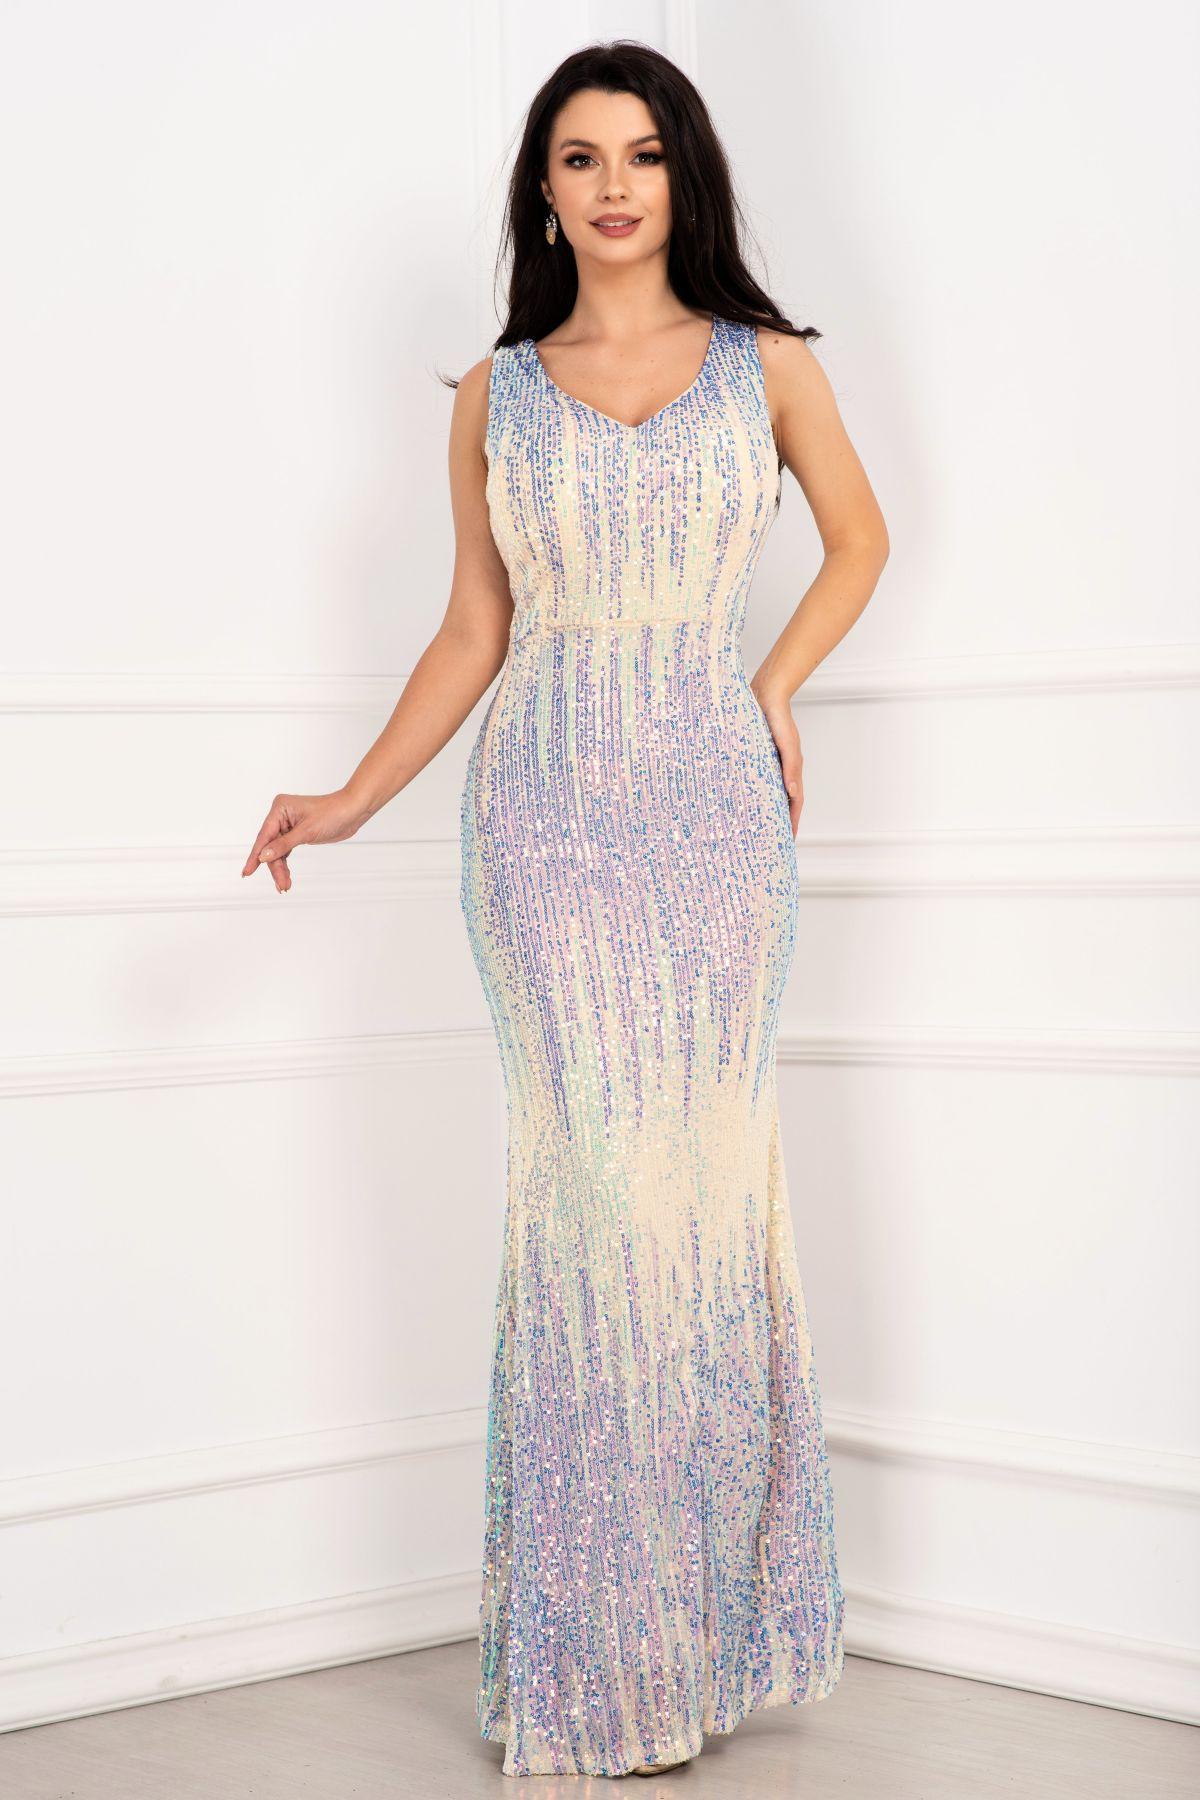 Rochie lunga din paiete tip sirena eleganta cu reflexii multicolore